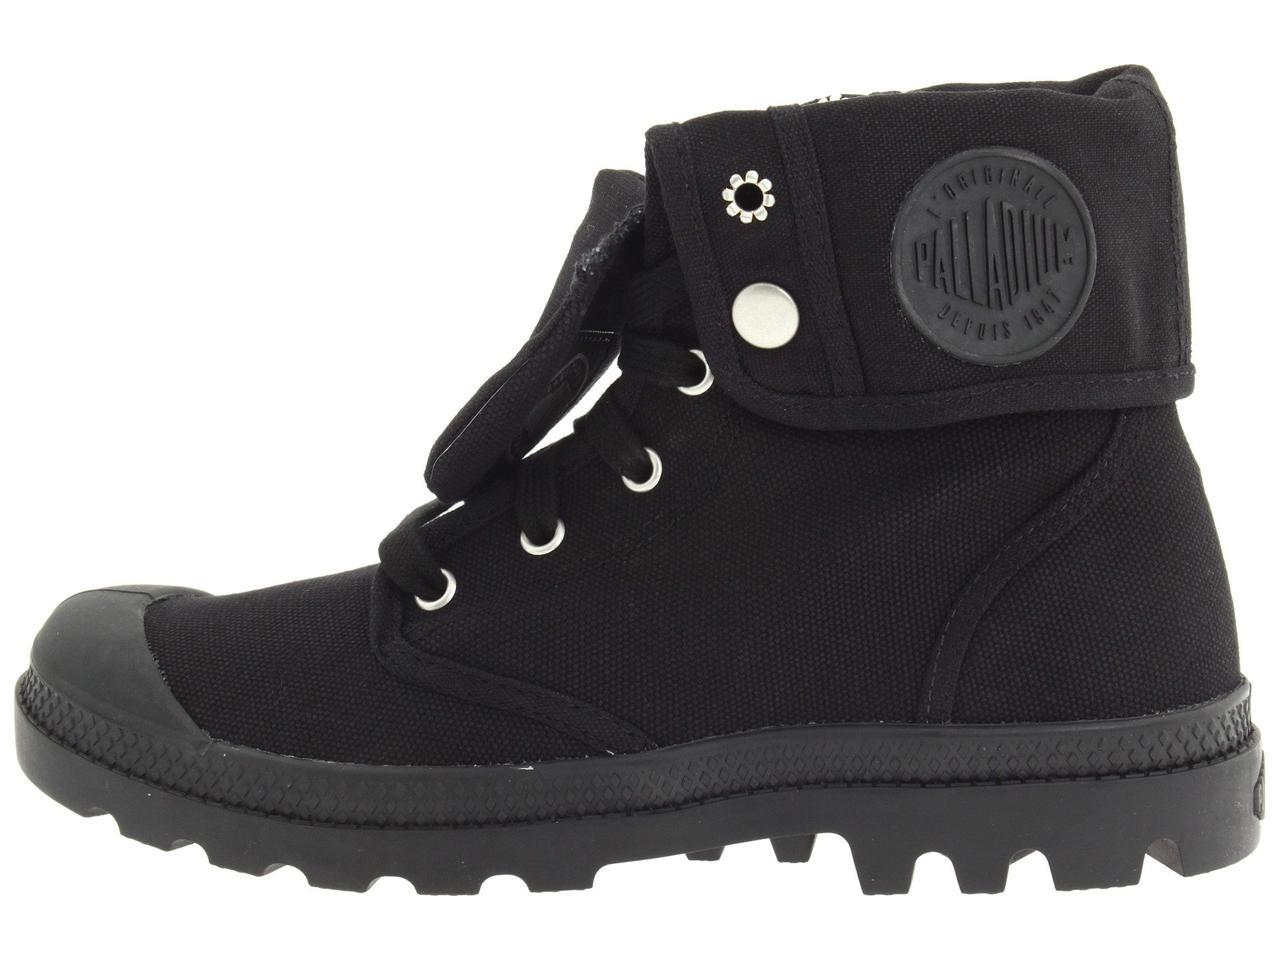 Ботинки Сапоги (Оригинал) Palladium Baggy Black Black  продажа 1f9972bcd6718